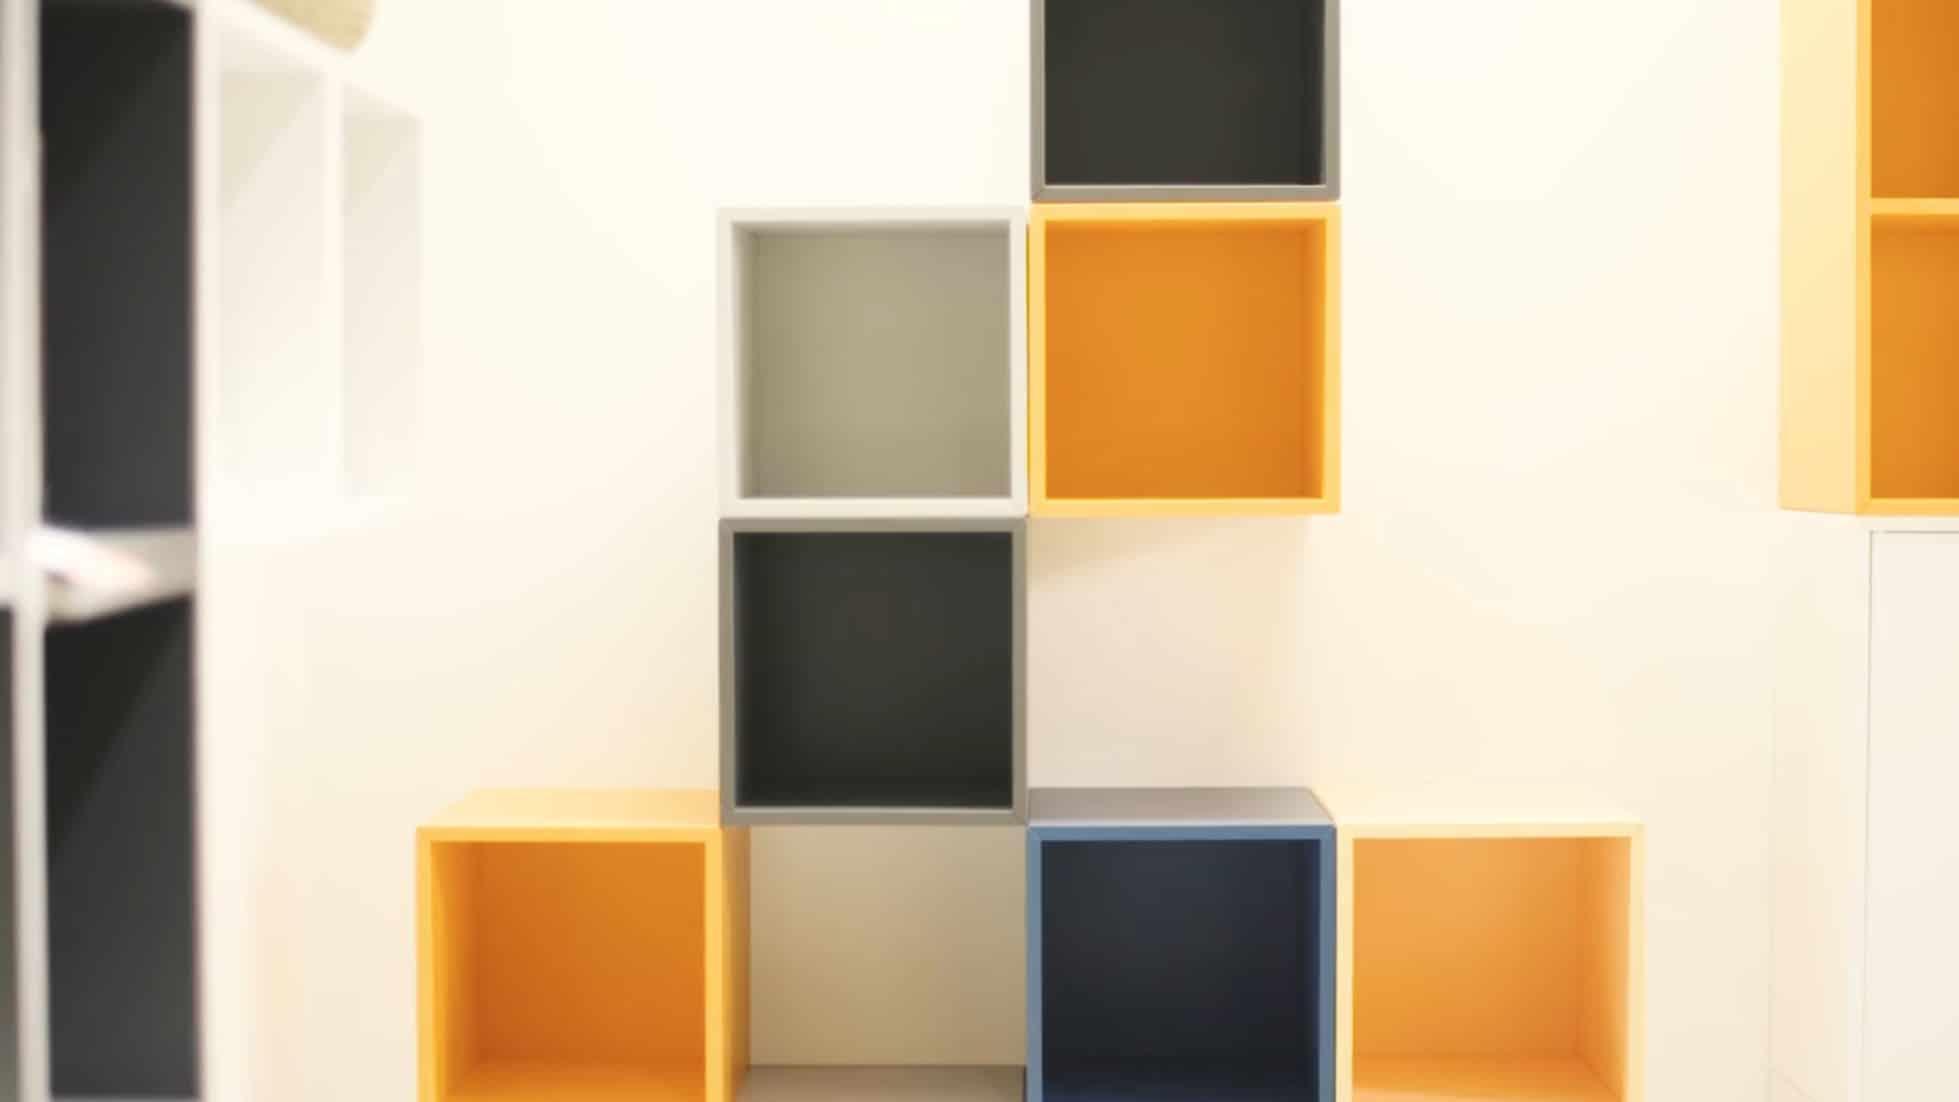 Ikea regal  Stauraum für deine Platten mit dem IKEA EKET Regal ⋆ delamar.de